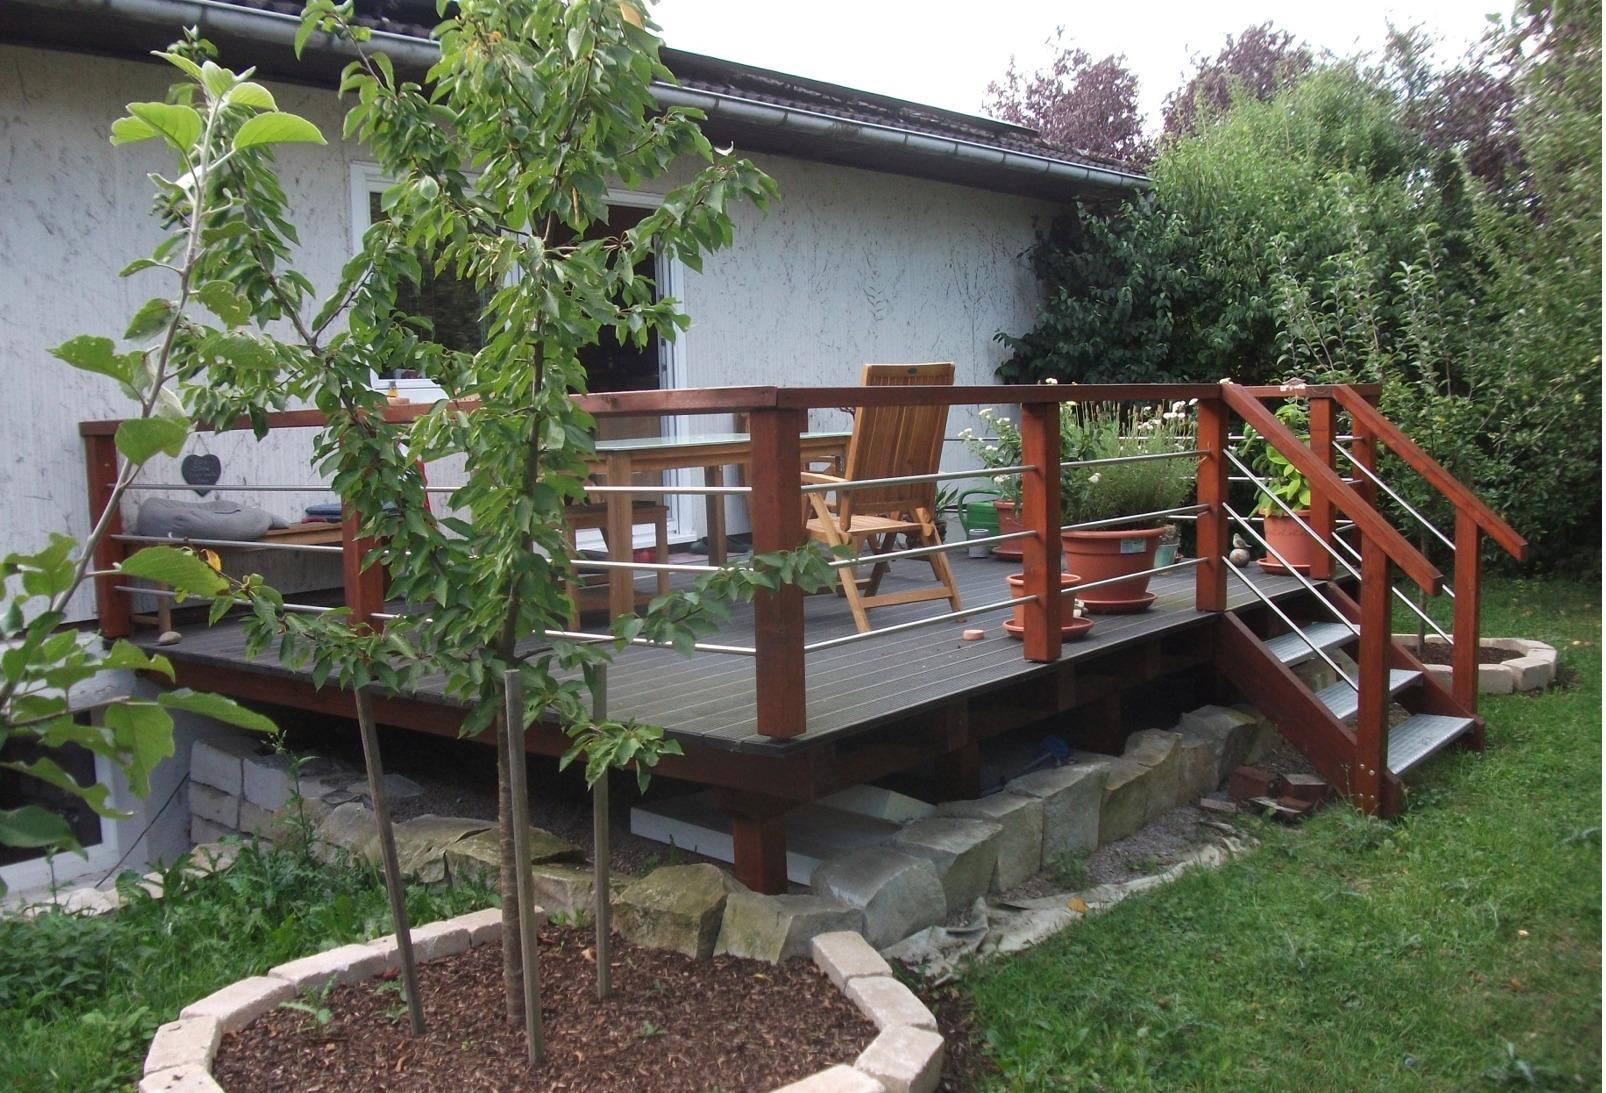 Holzgestaltung im garten - Terrasse hoher als garten ...